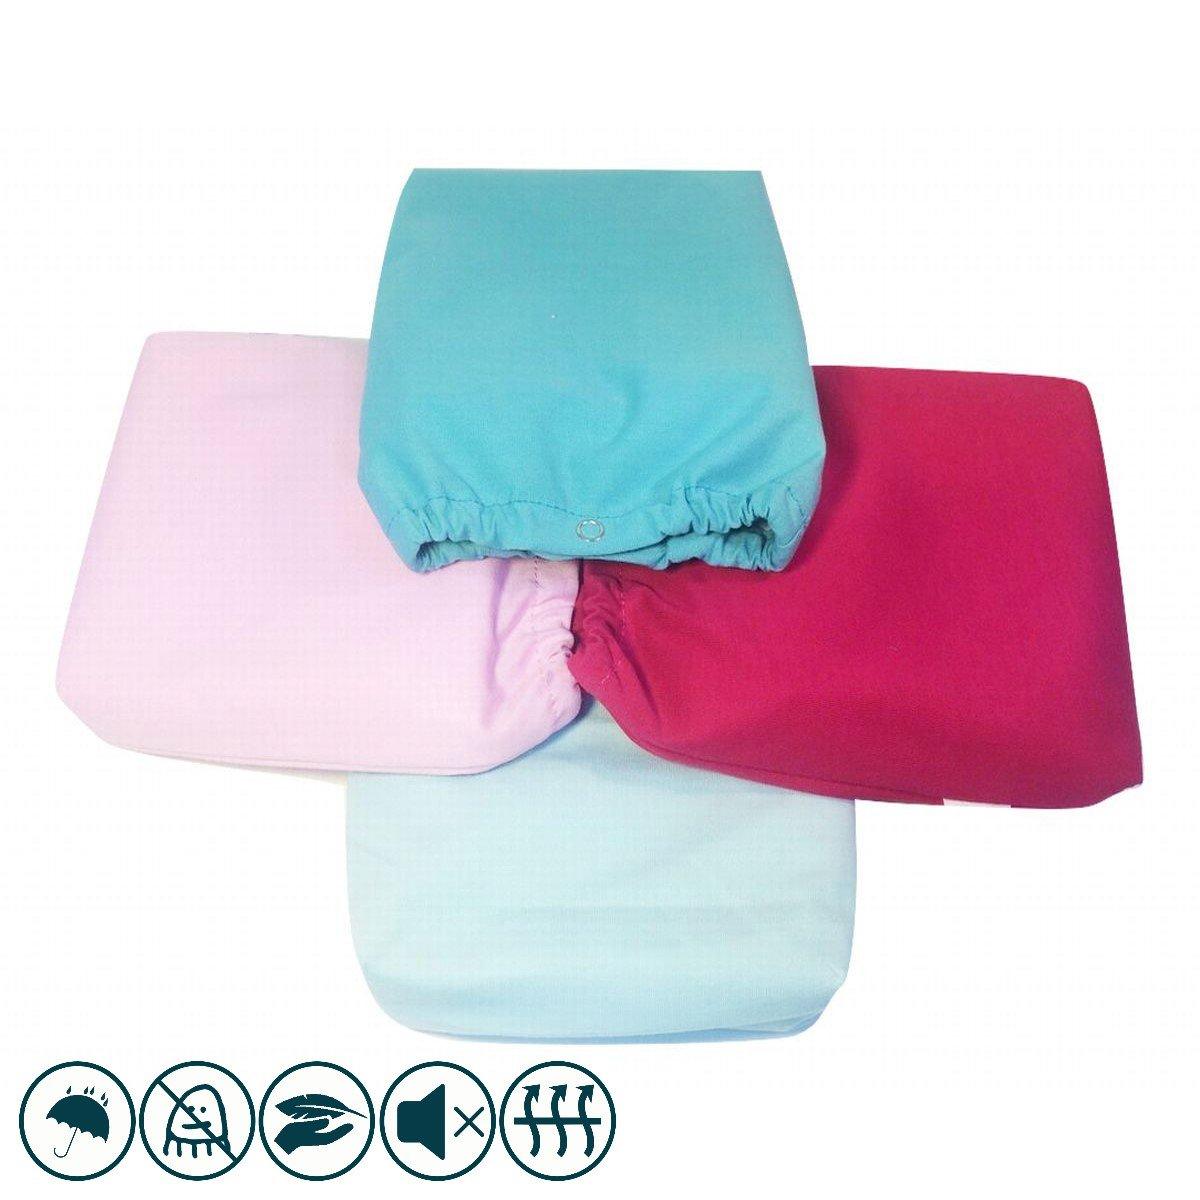 Lingettes lavables Pack 10 - Louis Le Sec + sac de transport Berry Pink Pink touch